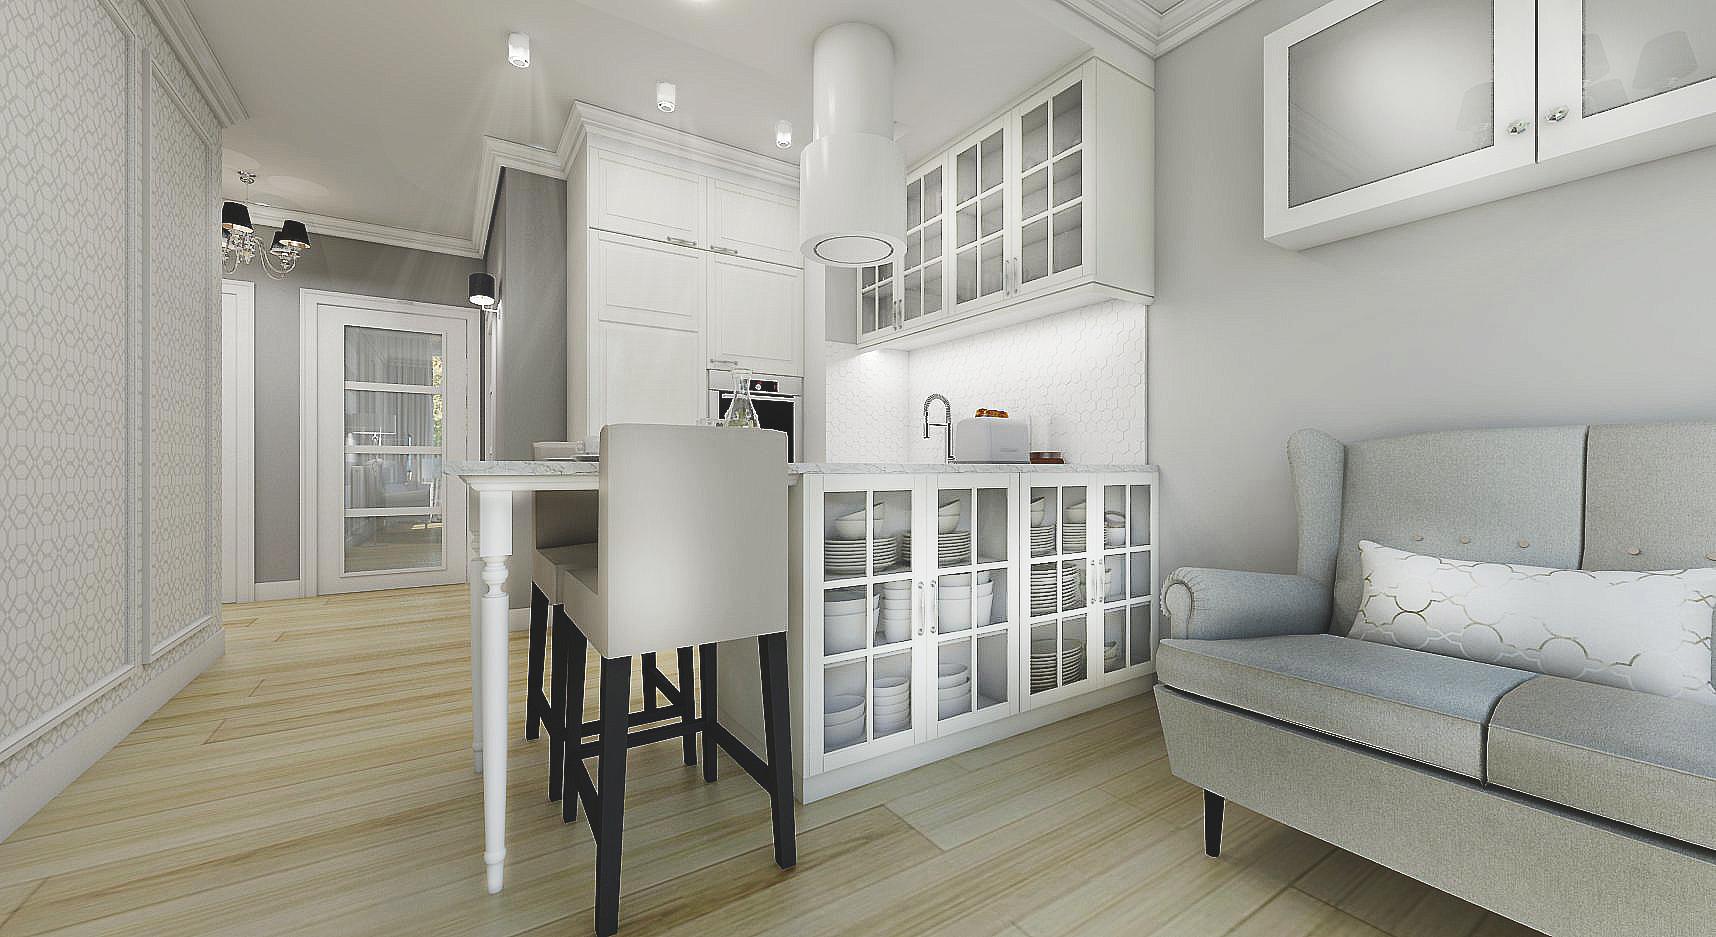 Mieszkanie W Stylu Angielskim Nefa Architekci Studio Projektowe